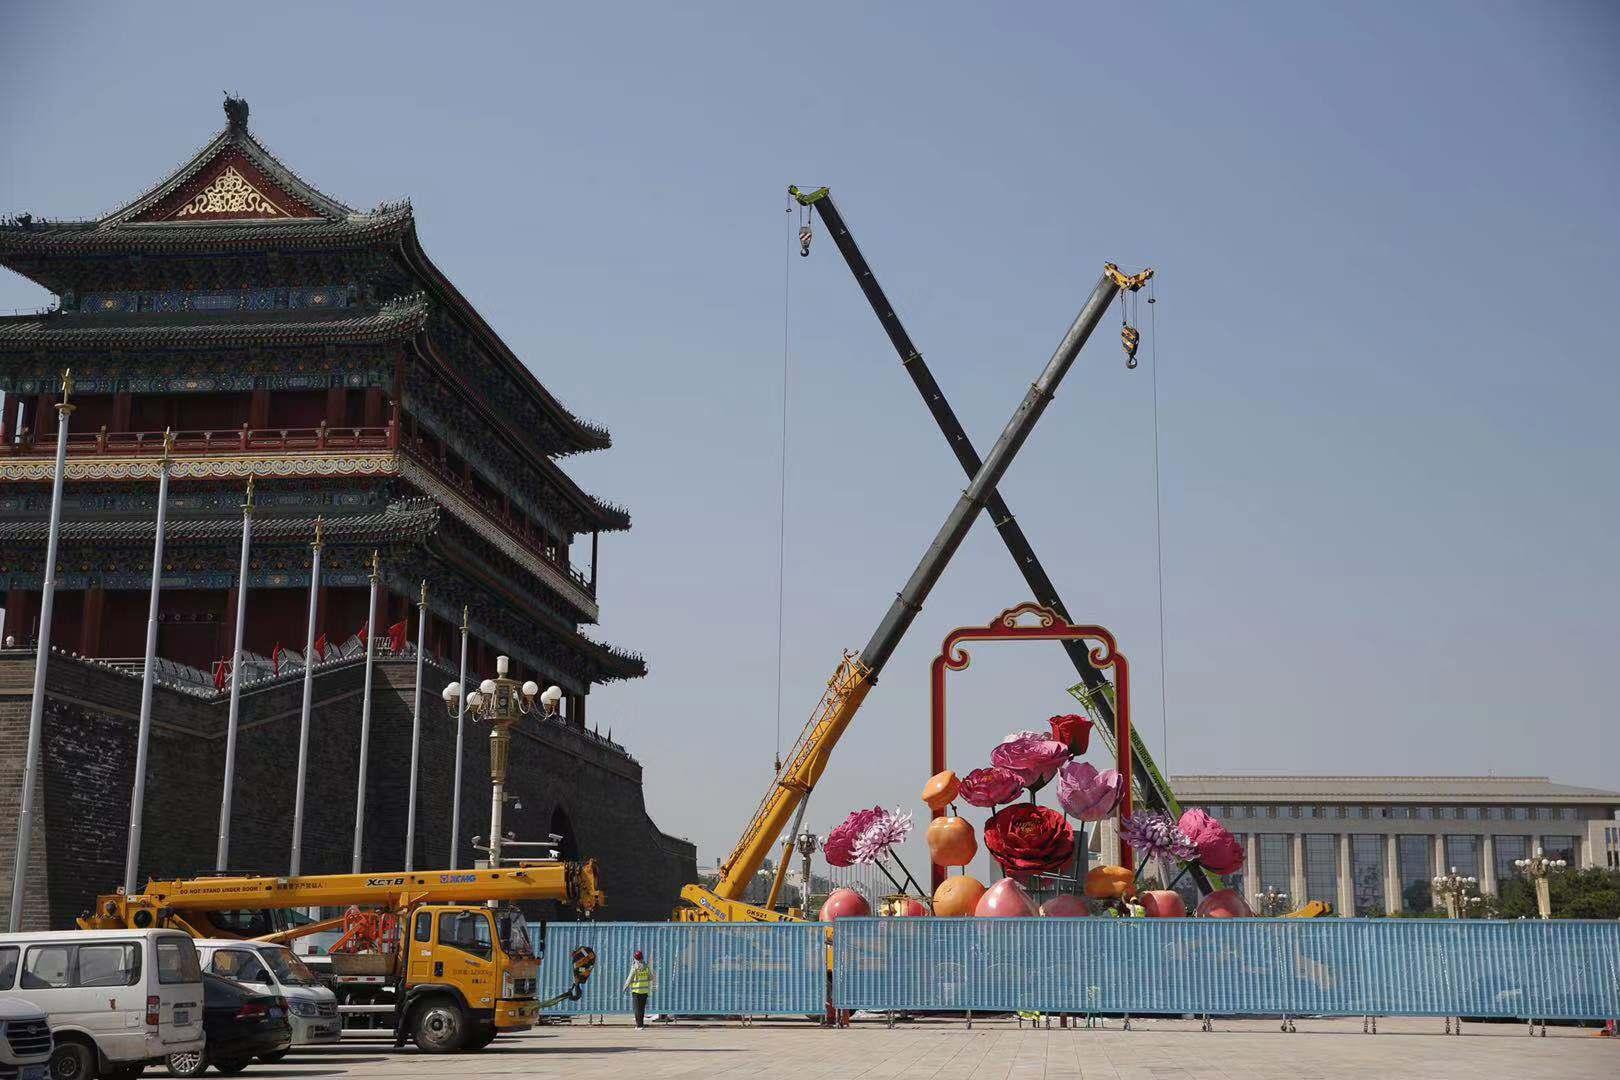 天安门广场国庆巨型花篮开始插花布置,今年有花还有果